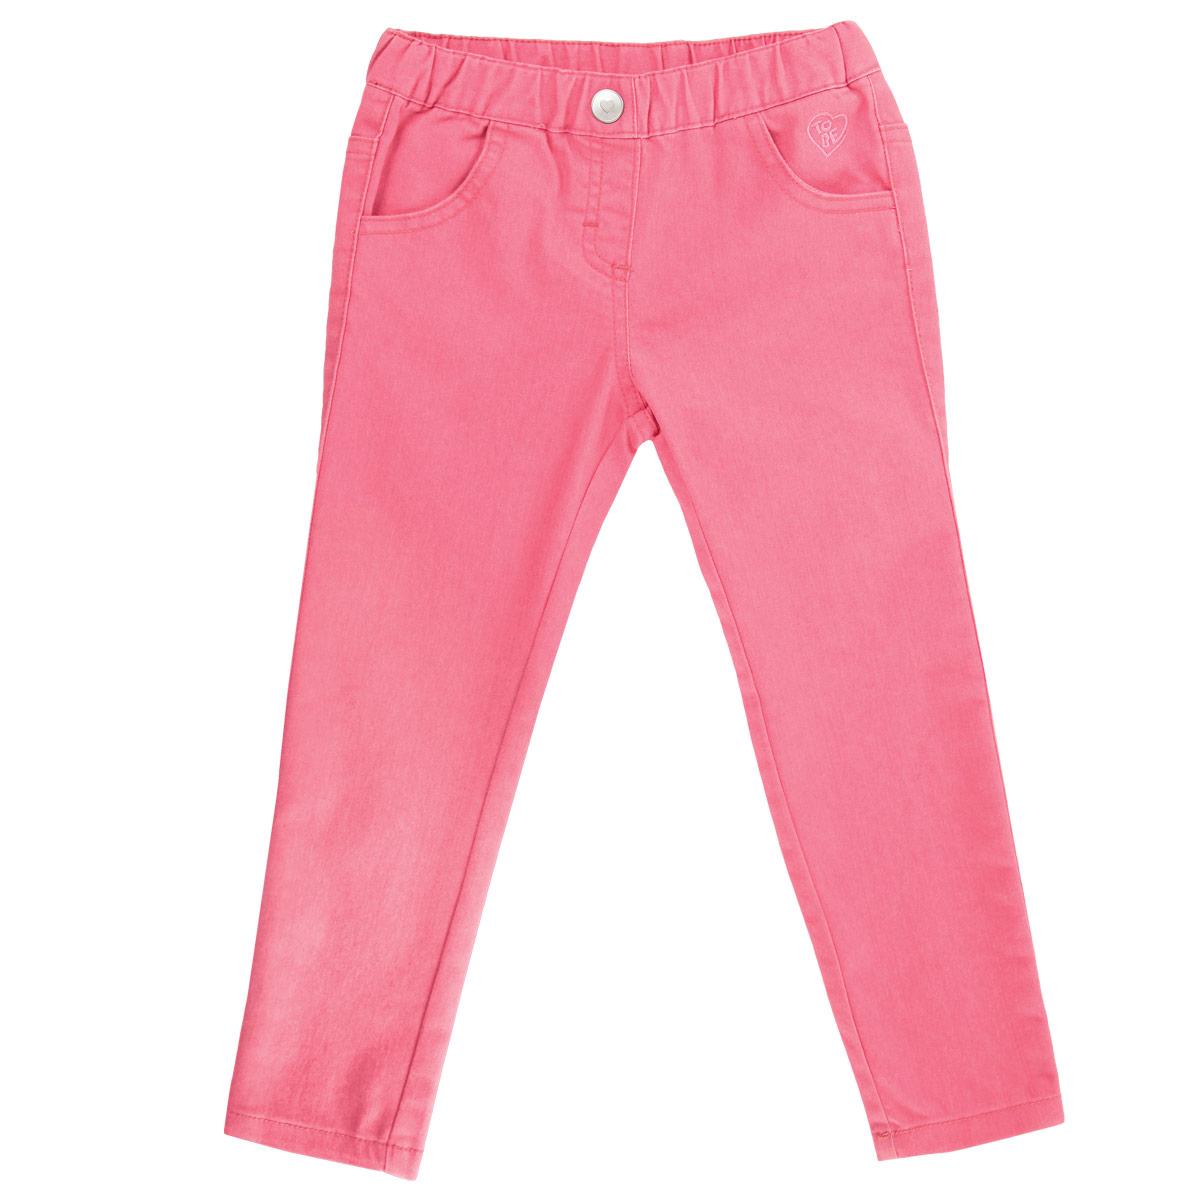 Джинсы для девочки. 90240579024057Очаровательные джинсы для девочки Chicco идеально подойдут вашей маленькой моднице для отдыха и прогулок. Изготовленные из высококачественного материала, они мягкие и приятные на ощупь, не сковывают движения и позволяют коже дышать, не раздражают даже самую нежную и чувствительную кожу ребенка, обеспечивая наибольший комфорт. Джинсы на талии имеют широкий эластичный пояс, украшенный декоративной пуговичкой, также имеется имитация ширинки. Спереди модель дополнена двумя втачными кармашками, а сзади - двумя накладными карманами. Оформлено изделие небольшой вышивкой. Современный дизайн и модная расцветка делают эти джинсы стильным предметом детского гардероба. В них ваша маленькая принцесса всегда будет в центре внимания!